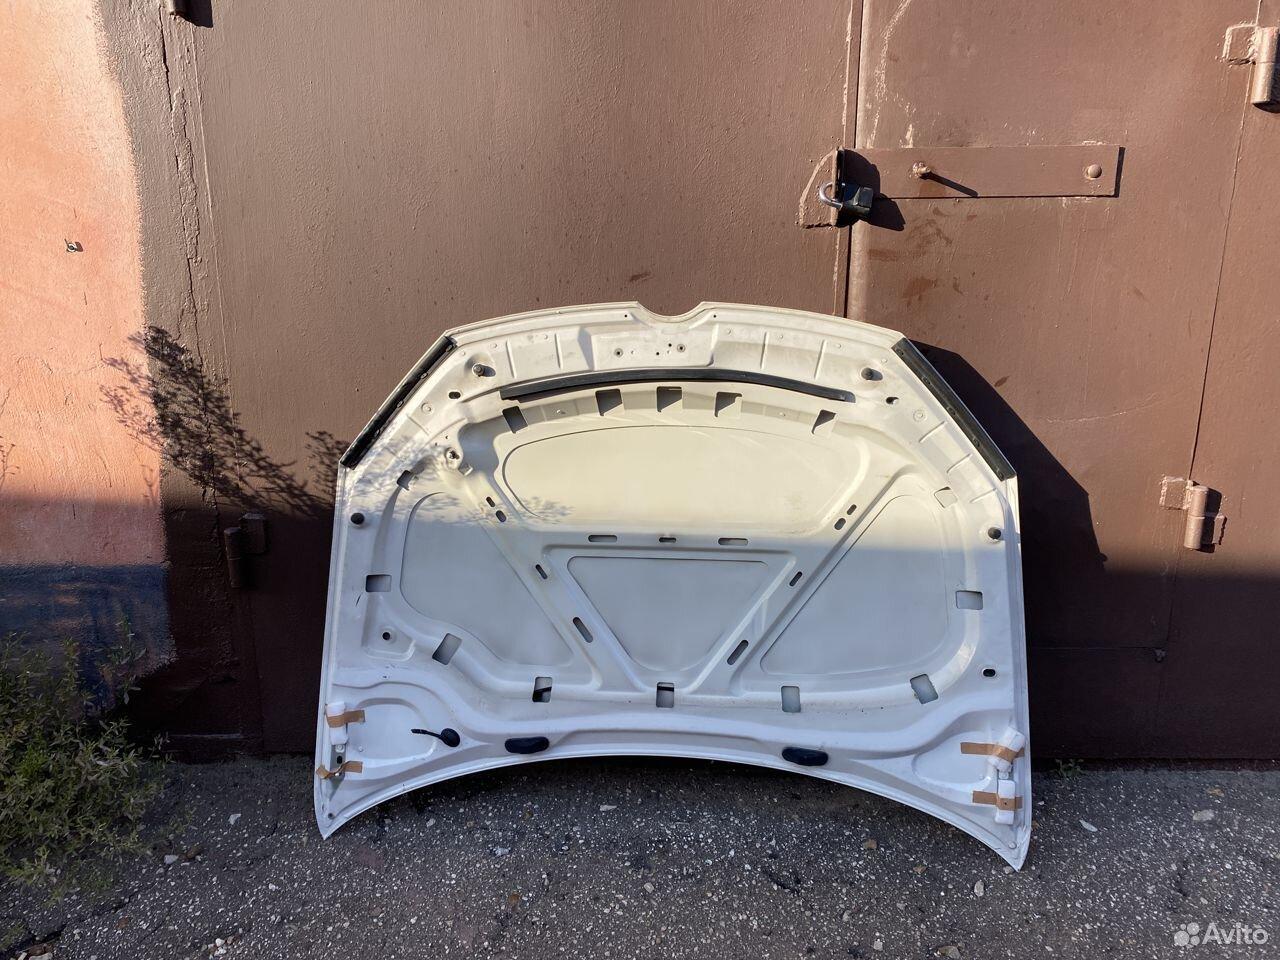 Капот белый Volkswagen Golf 6  89534684247 купить 4